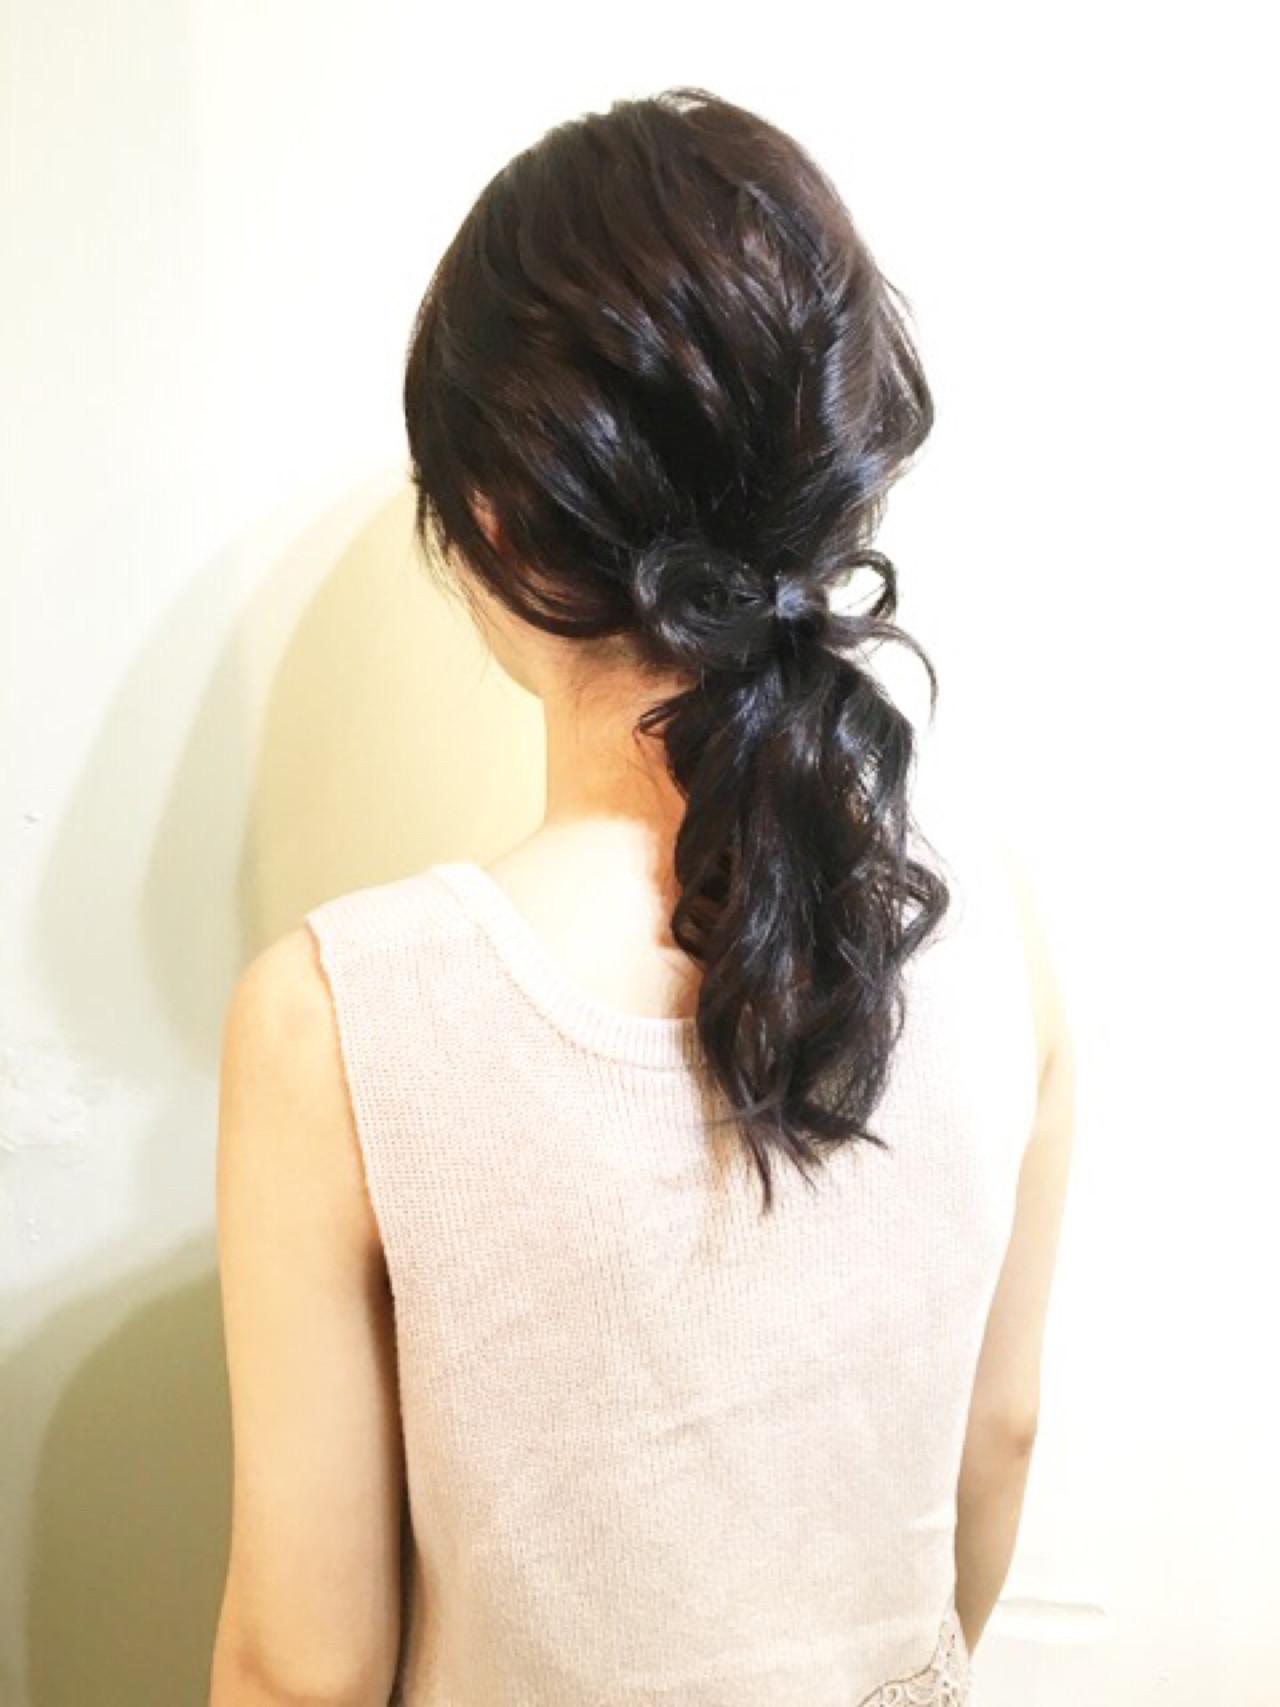 ミディアム ローポニーテール ヘアアレンジ ポニーテール ヘアスタイルや髪型の写真・画像